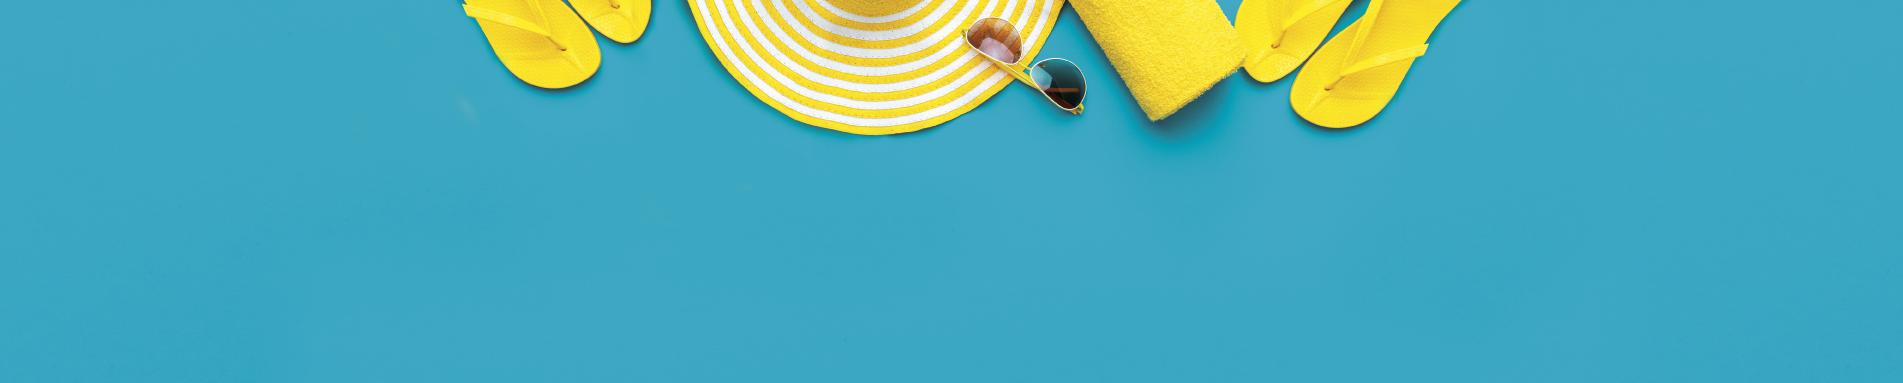 רקע תכלת עם אביזרי קיץ צהובים